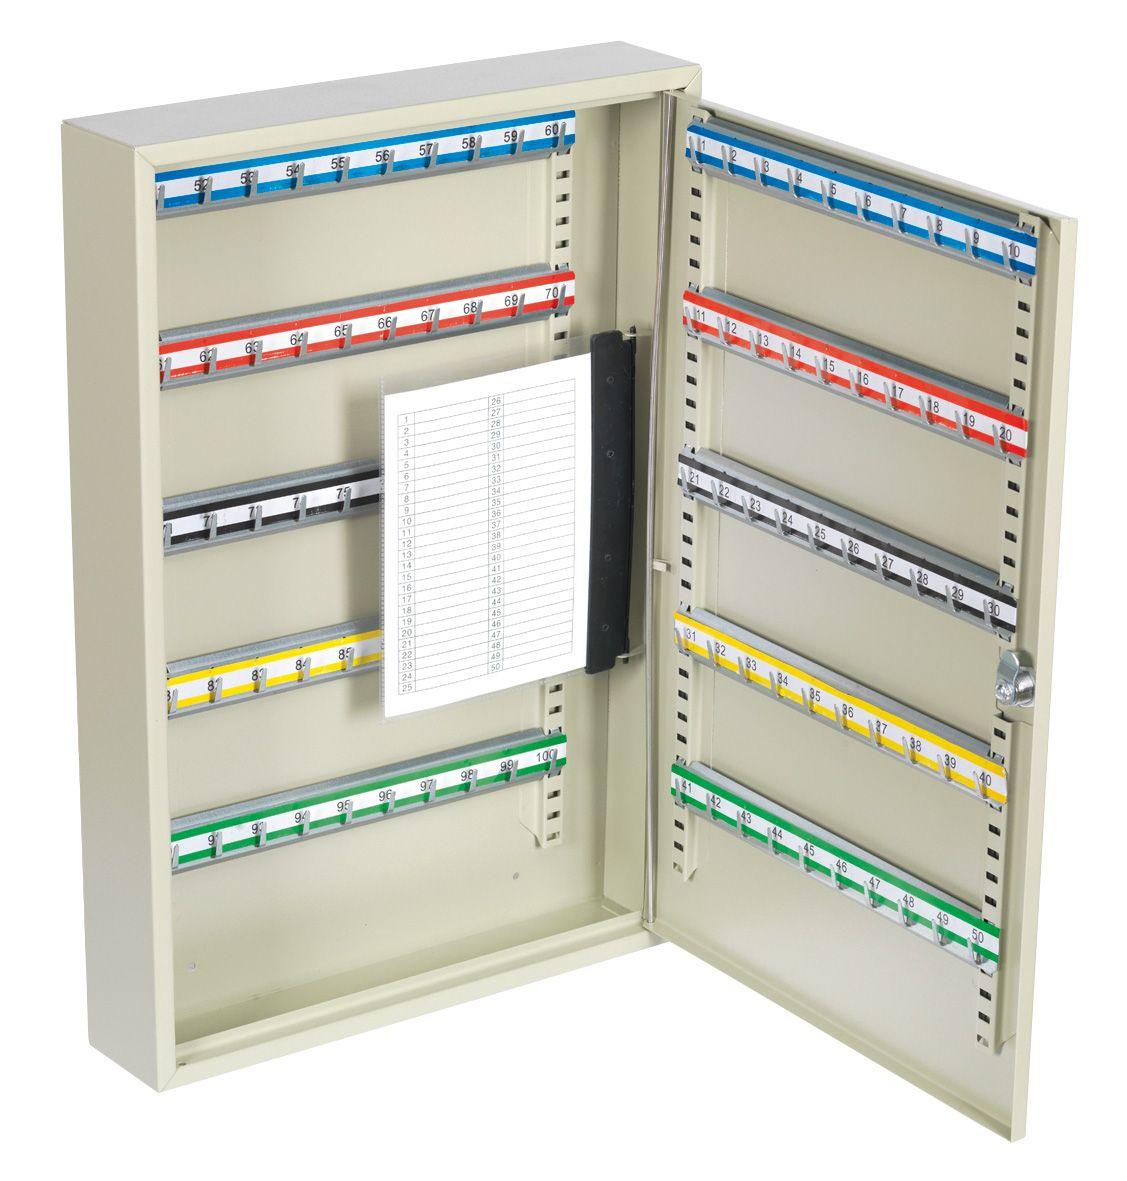 Sealey Key Cabinet 100 Key Capacity